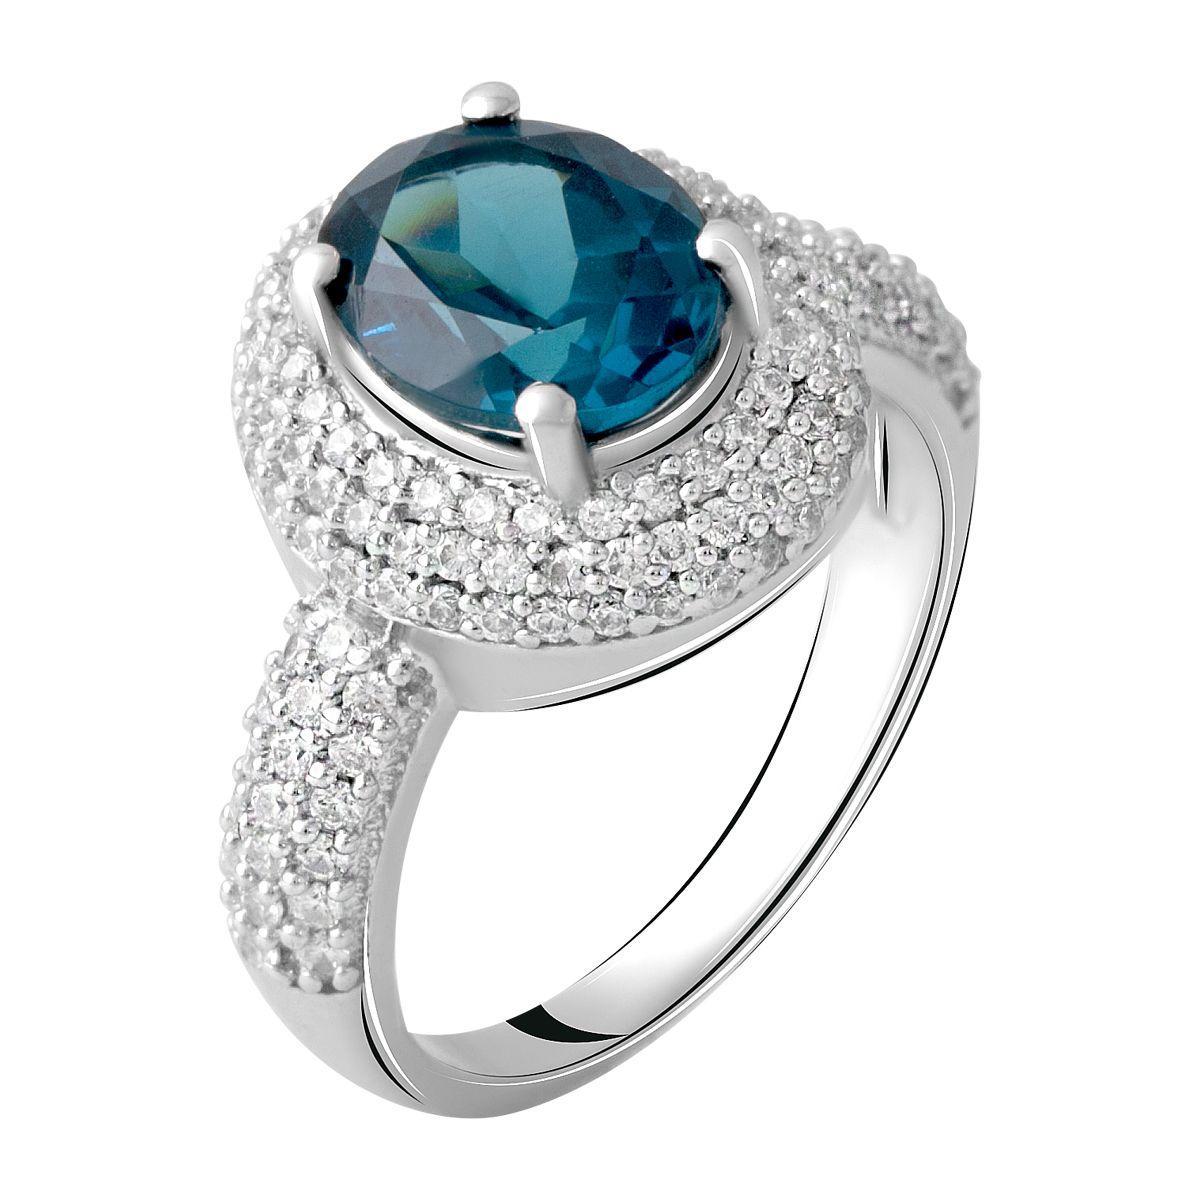 Серебряное кольцо DreamJewelry с натуральным топазом Лондон Блю 3.957ct (0700922) 19 размер